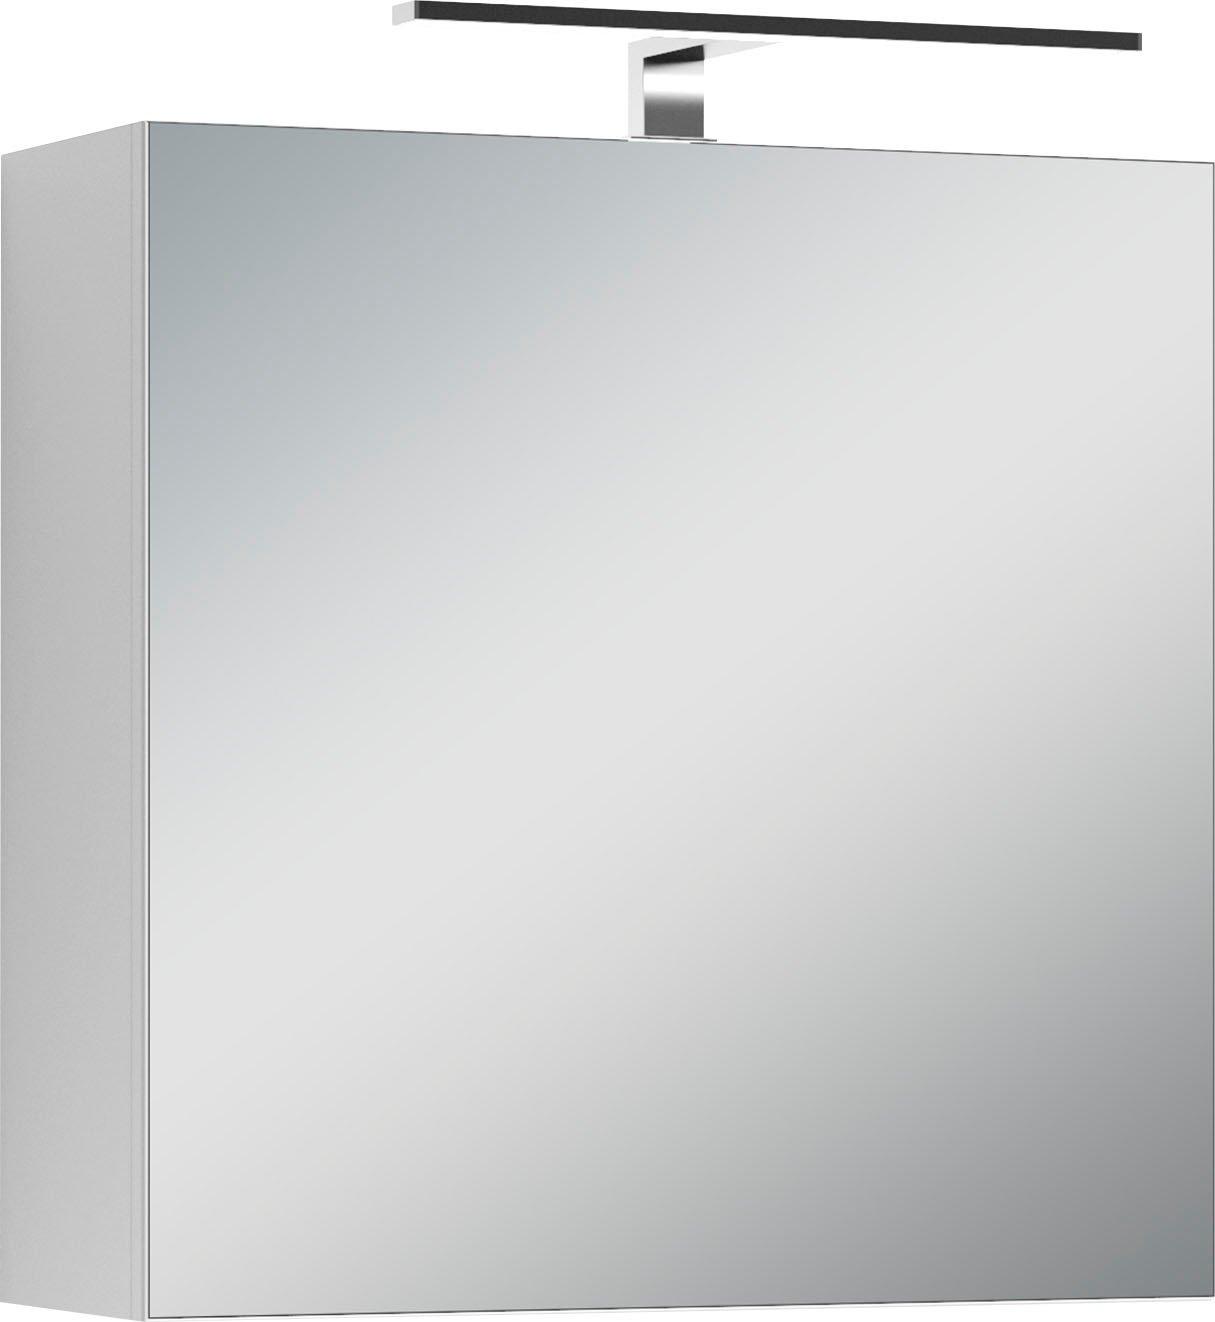 Homexperts spiegelkast Salsa Breedte 60 cm, met ledverlichting & schakelaar-/stekkerdoos online kopen op otto.nl